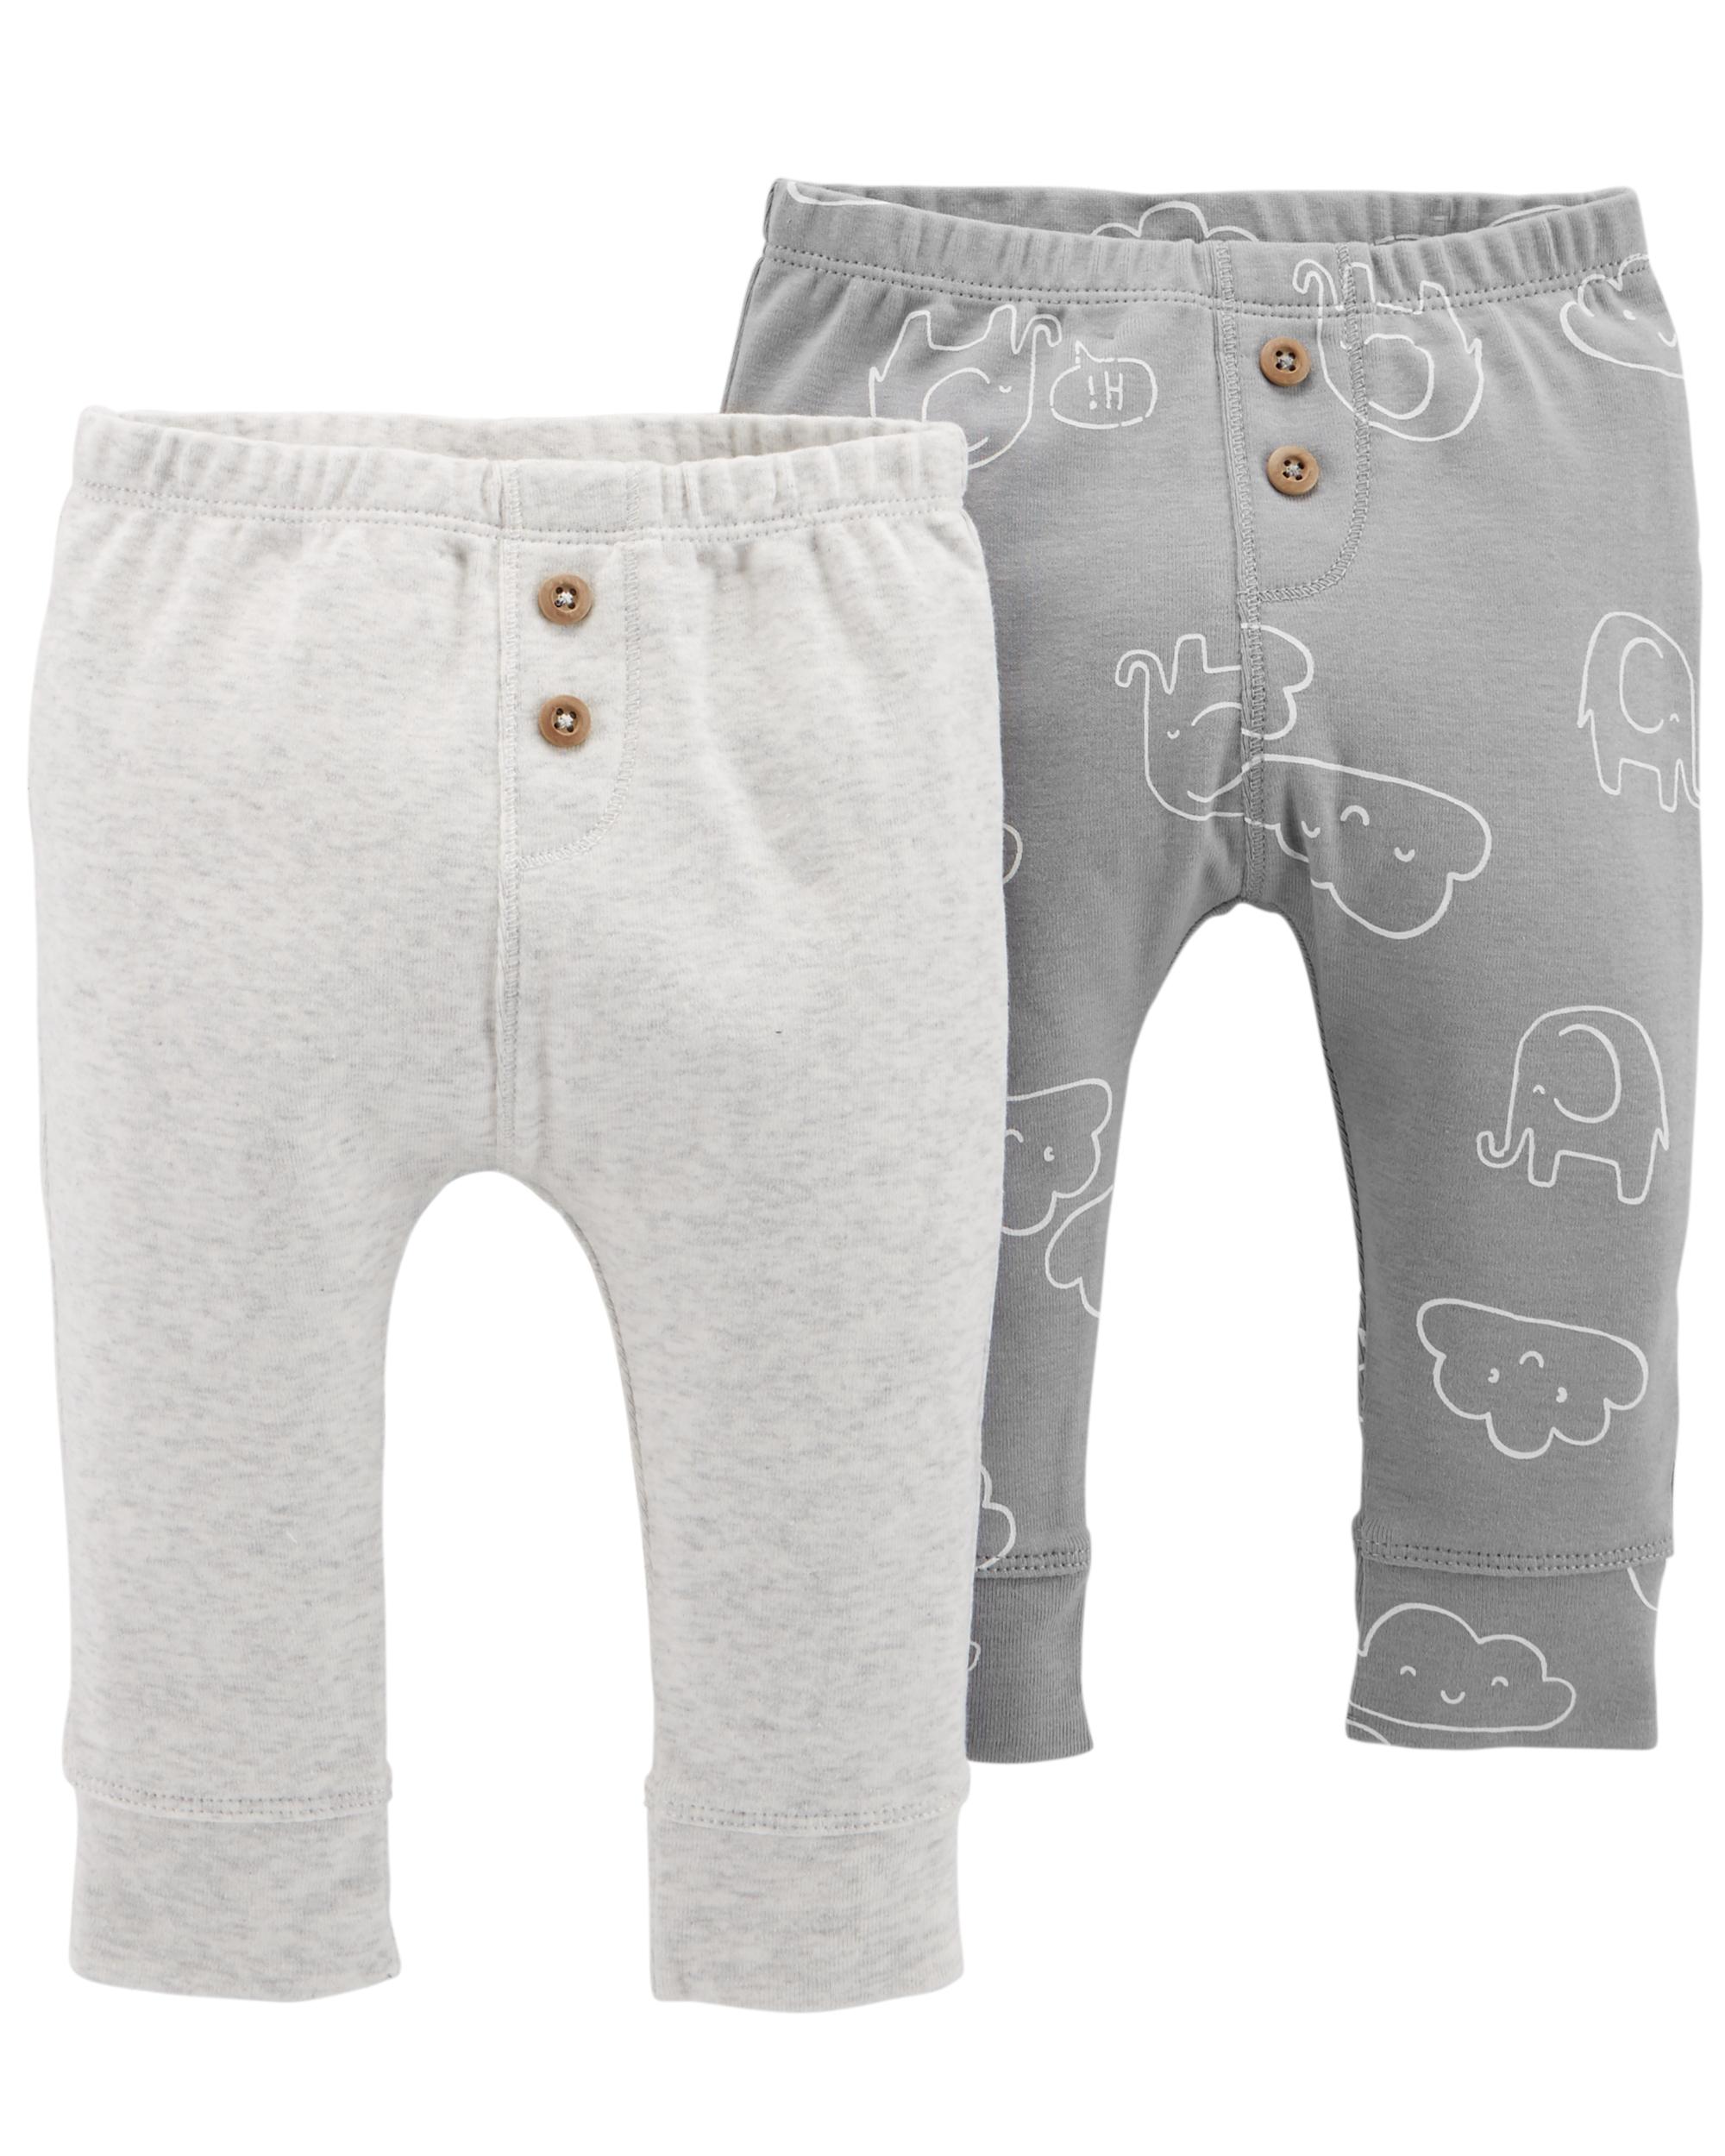 זוג מכנסיים כפתורים אפור/עננים